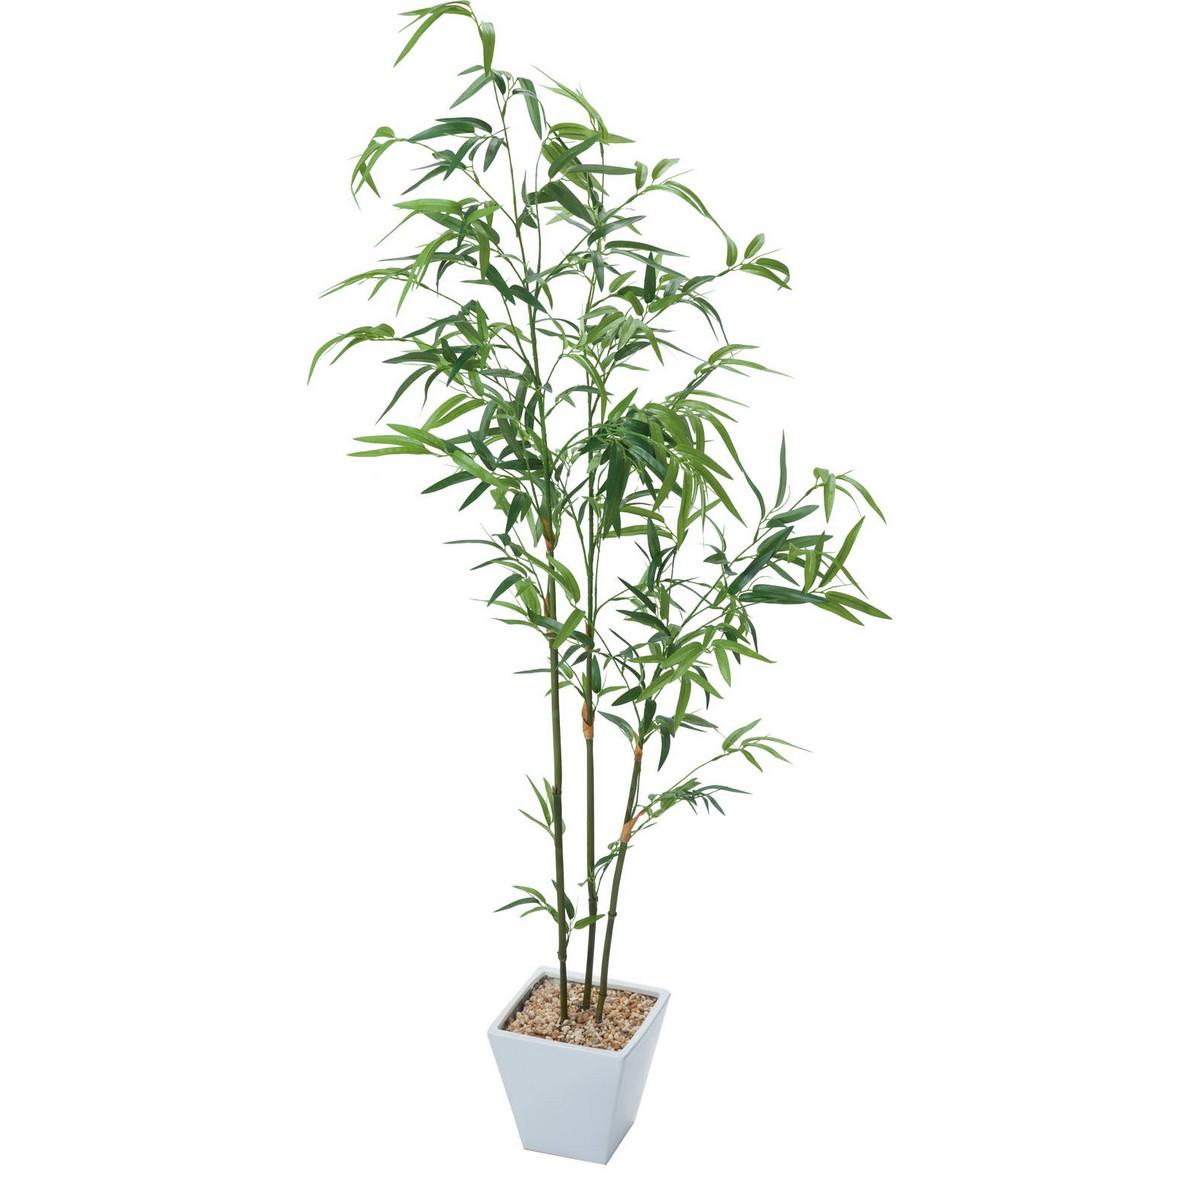 【人工観葉植物】YDM/バンブーツリー グリーン/GLA-1436-GR【01】【取寄】